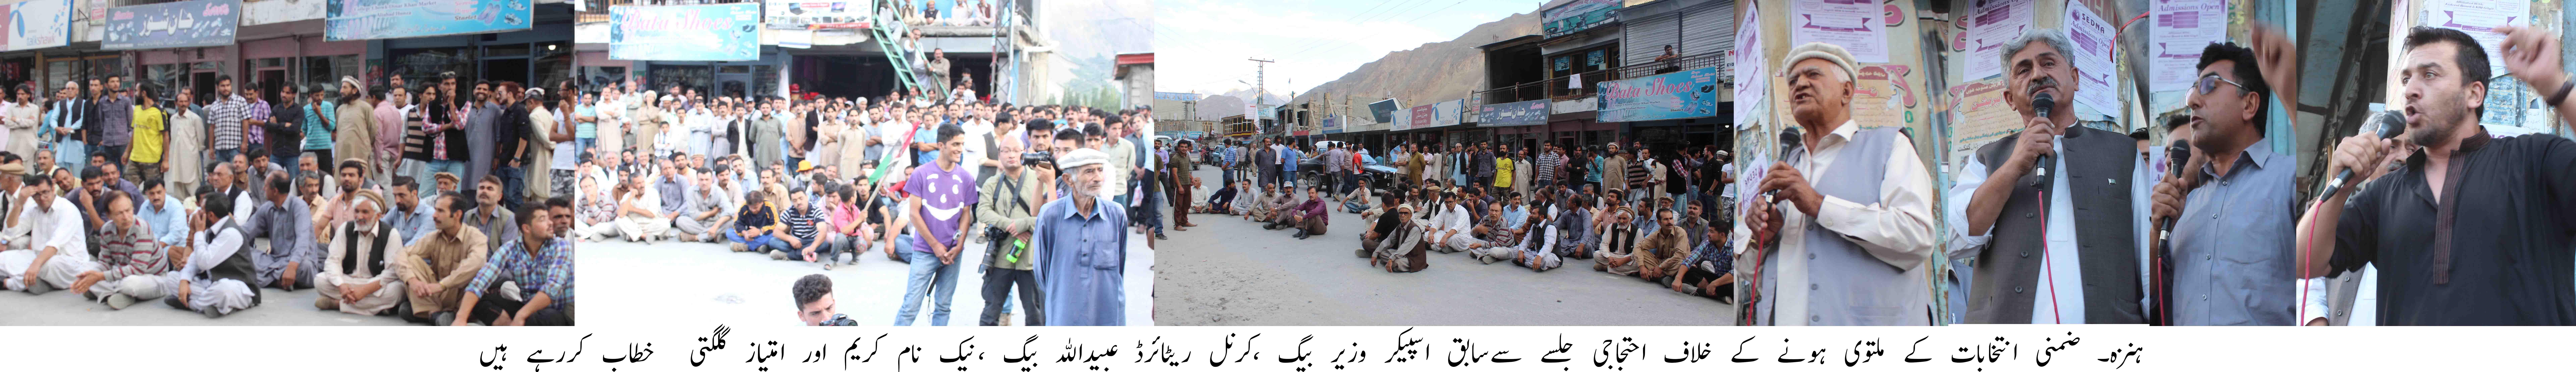 ہنزہ میں ضمنی الیکشن تیسری بار ملتوی ہونے کے خلاف علی آباد میں احتجاجی مظاہرہ، شرافت کو کمزوری نہ سمجھا جائے، امیدواران